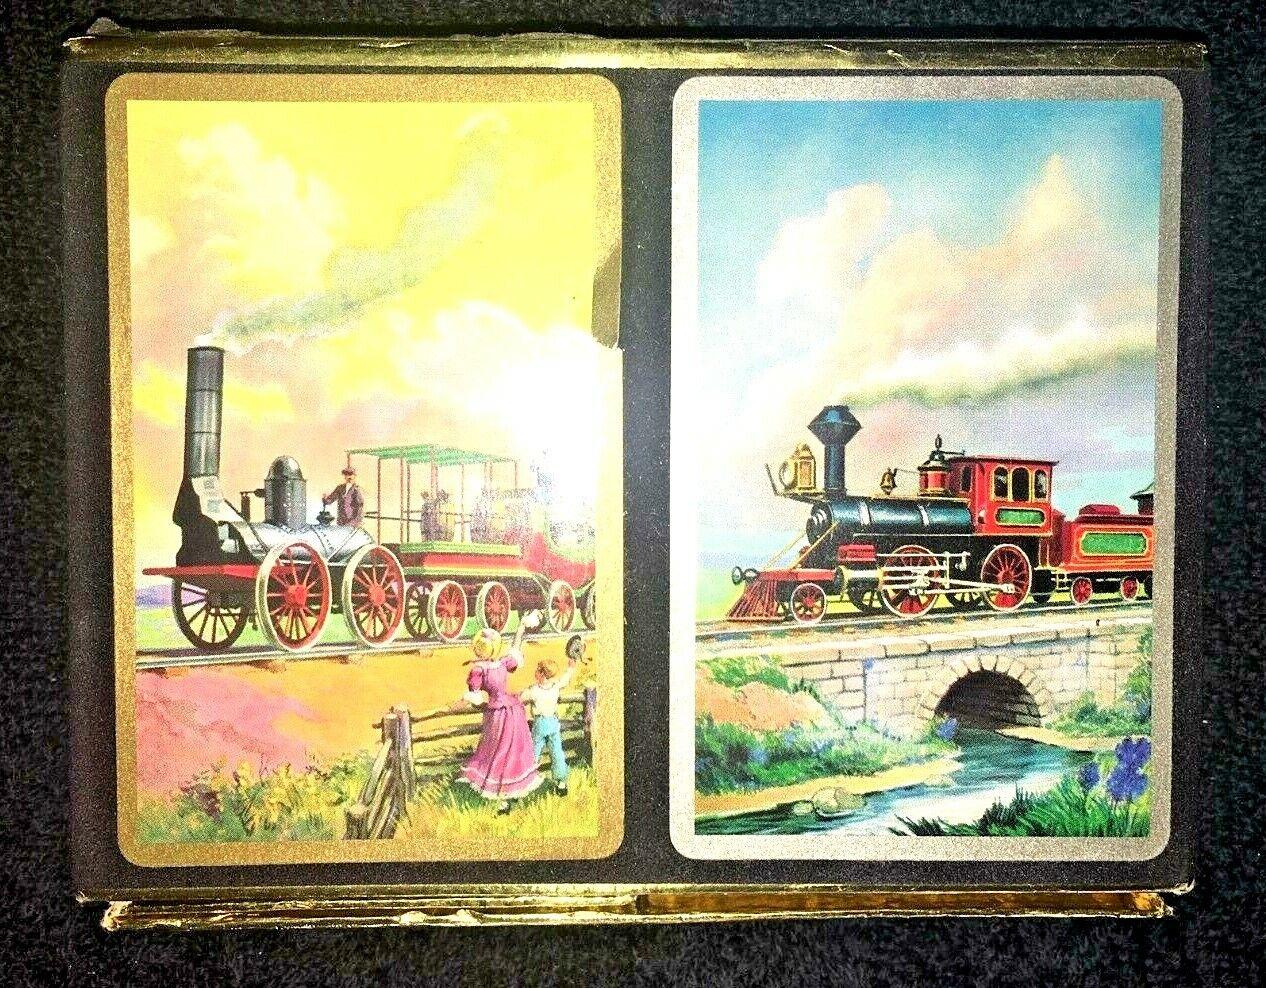 Vintage Congreso jugando a las Cochetas Cel-U-tono final Train Set 606 totalmente nuevo N.E.P.